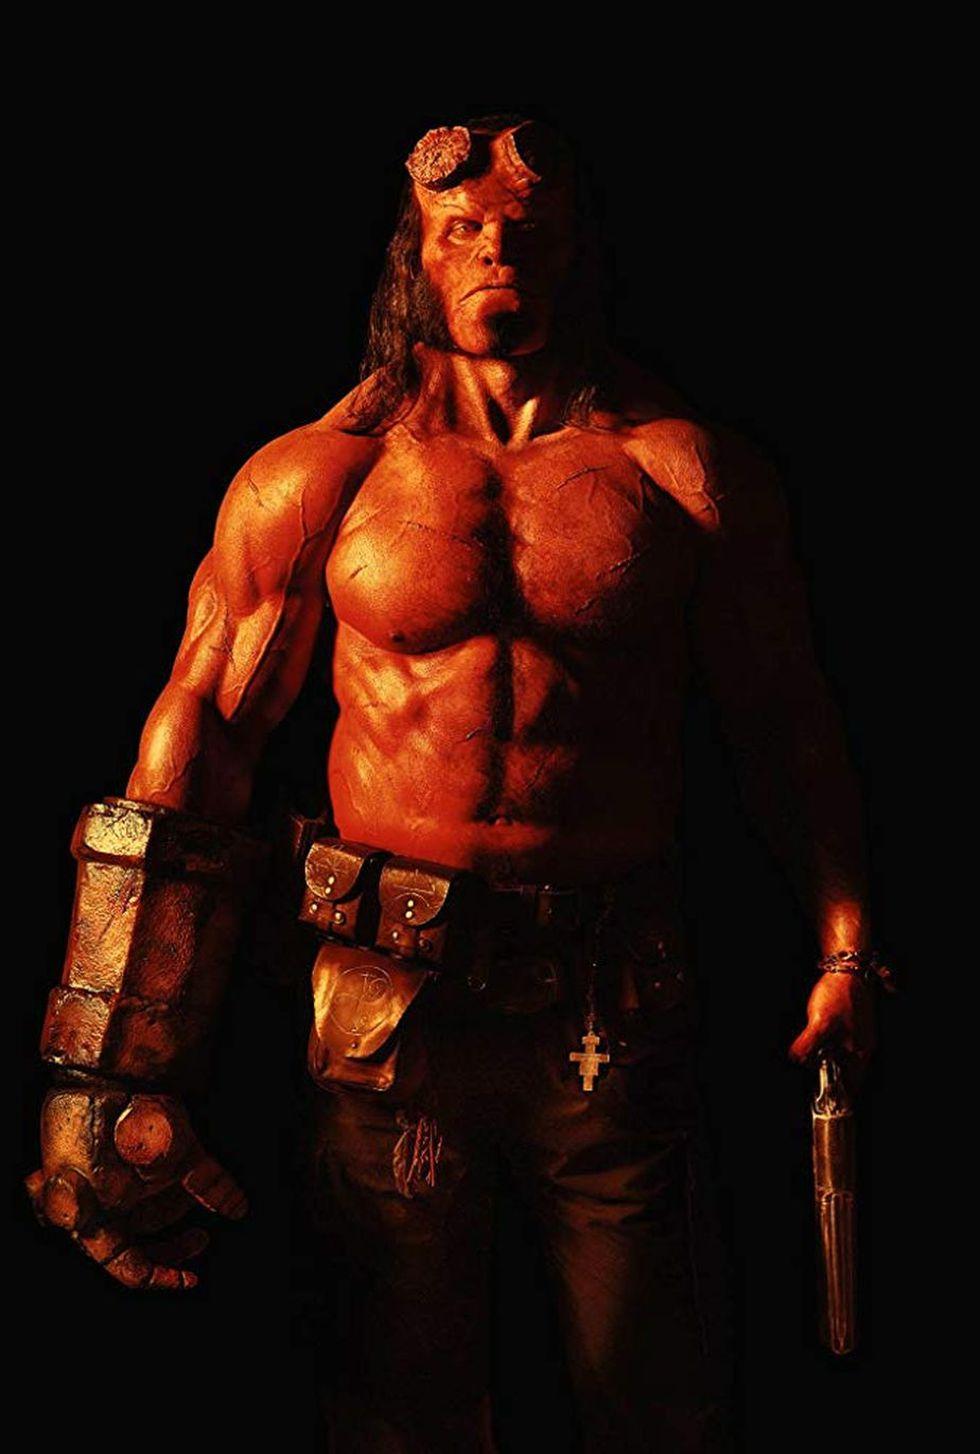 David Harbour fue elegido para interpretar a Hellboy en esta nueva versión del icónico personaje de Dark Horse Comics (Foto: Summit Entertainment)